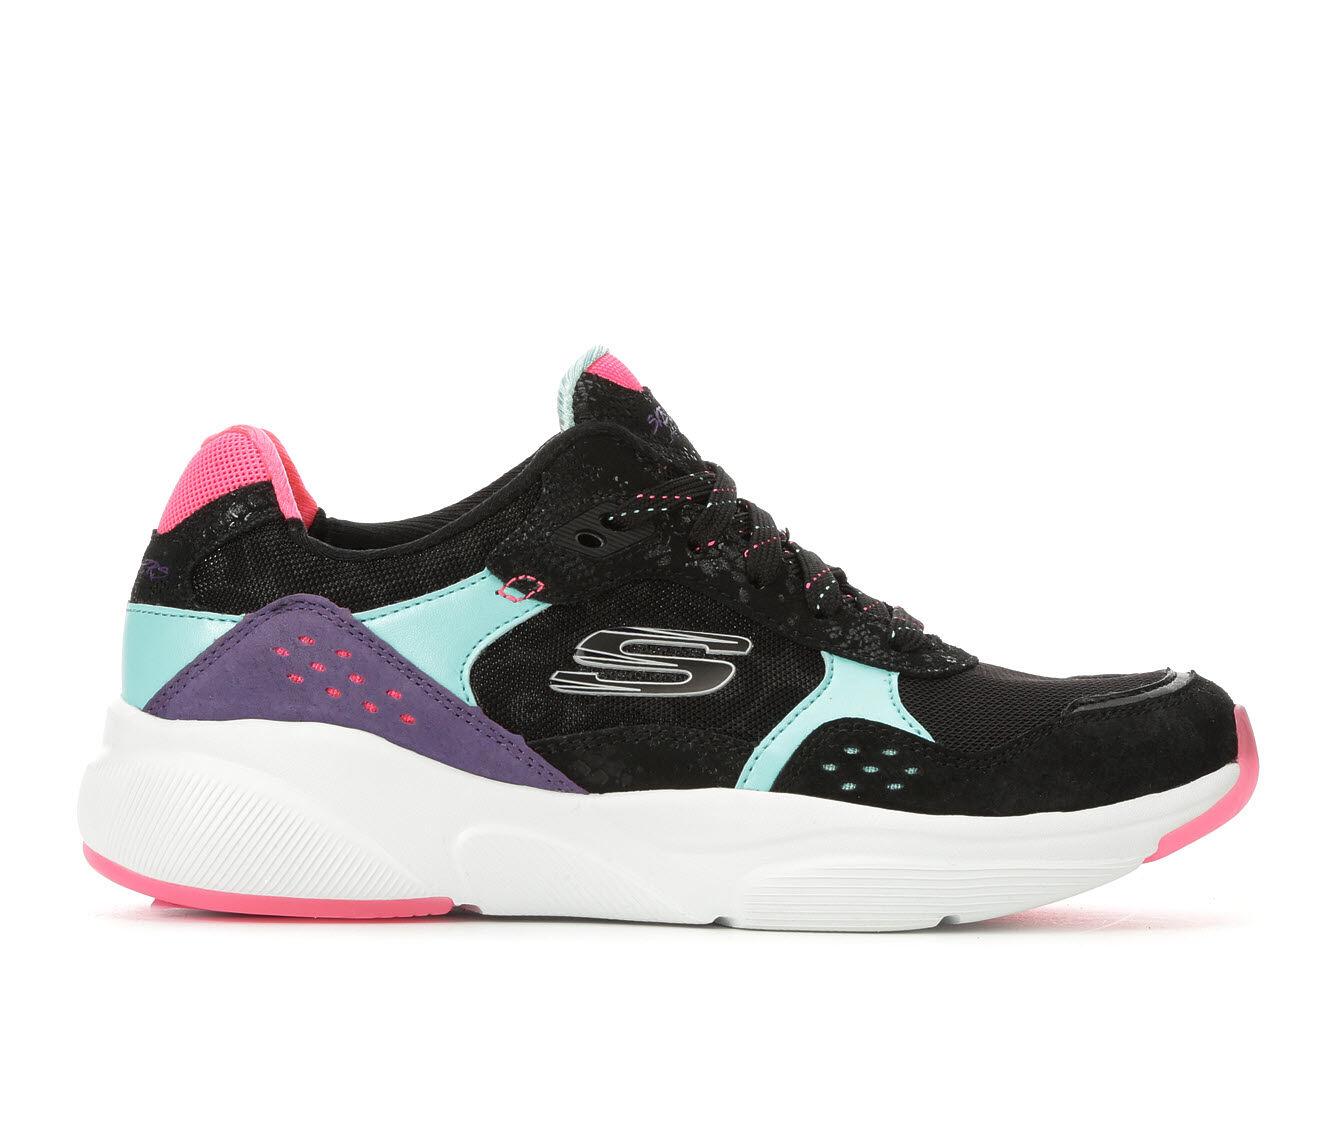 Women's Skechers No Worries 13020 Sneakers Black/Pink/Mint